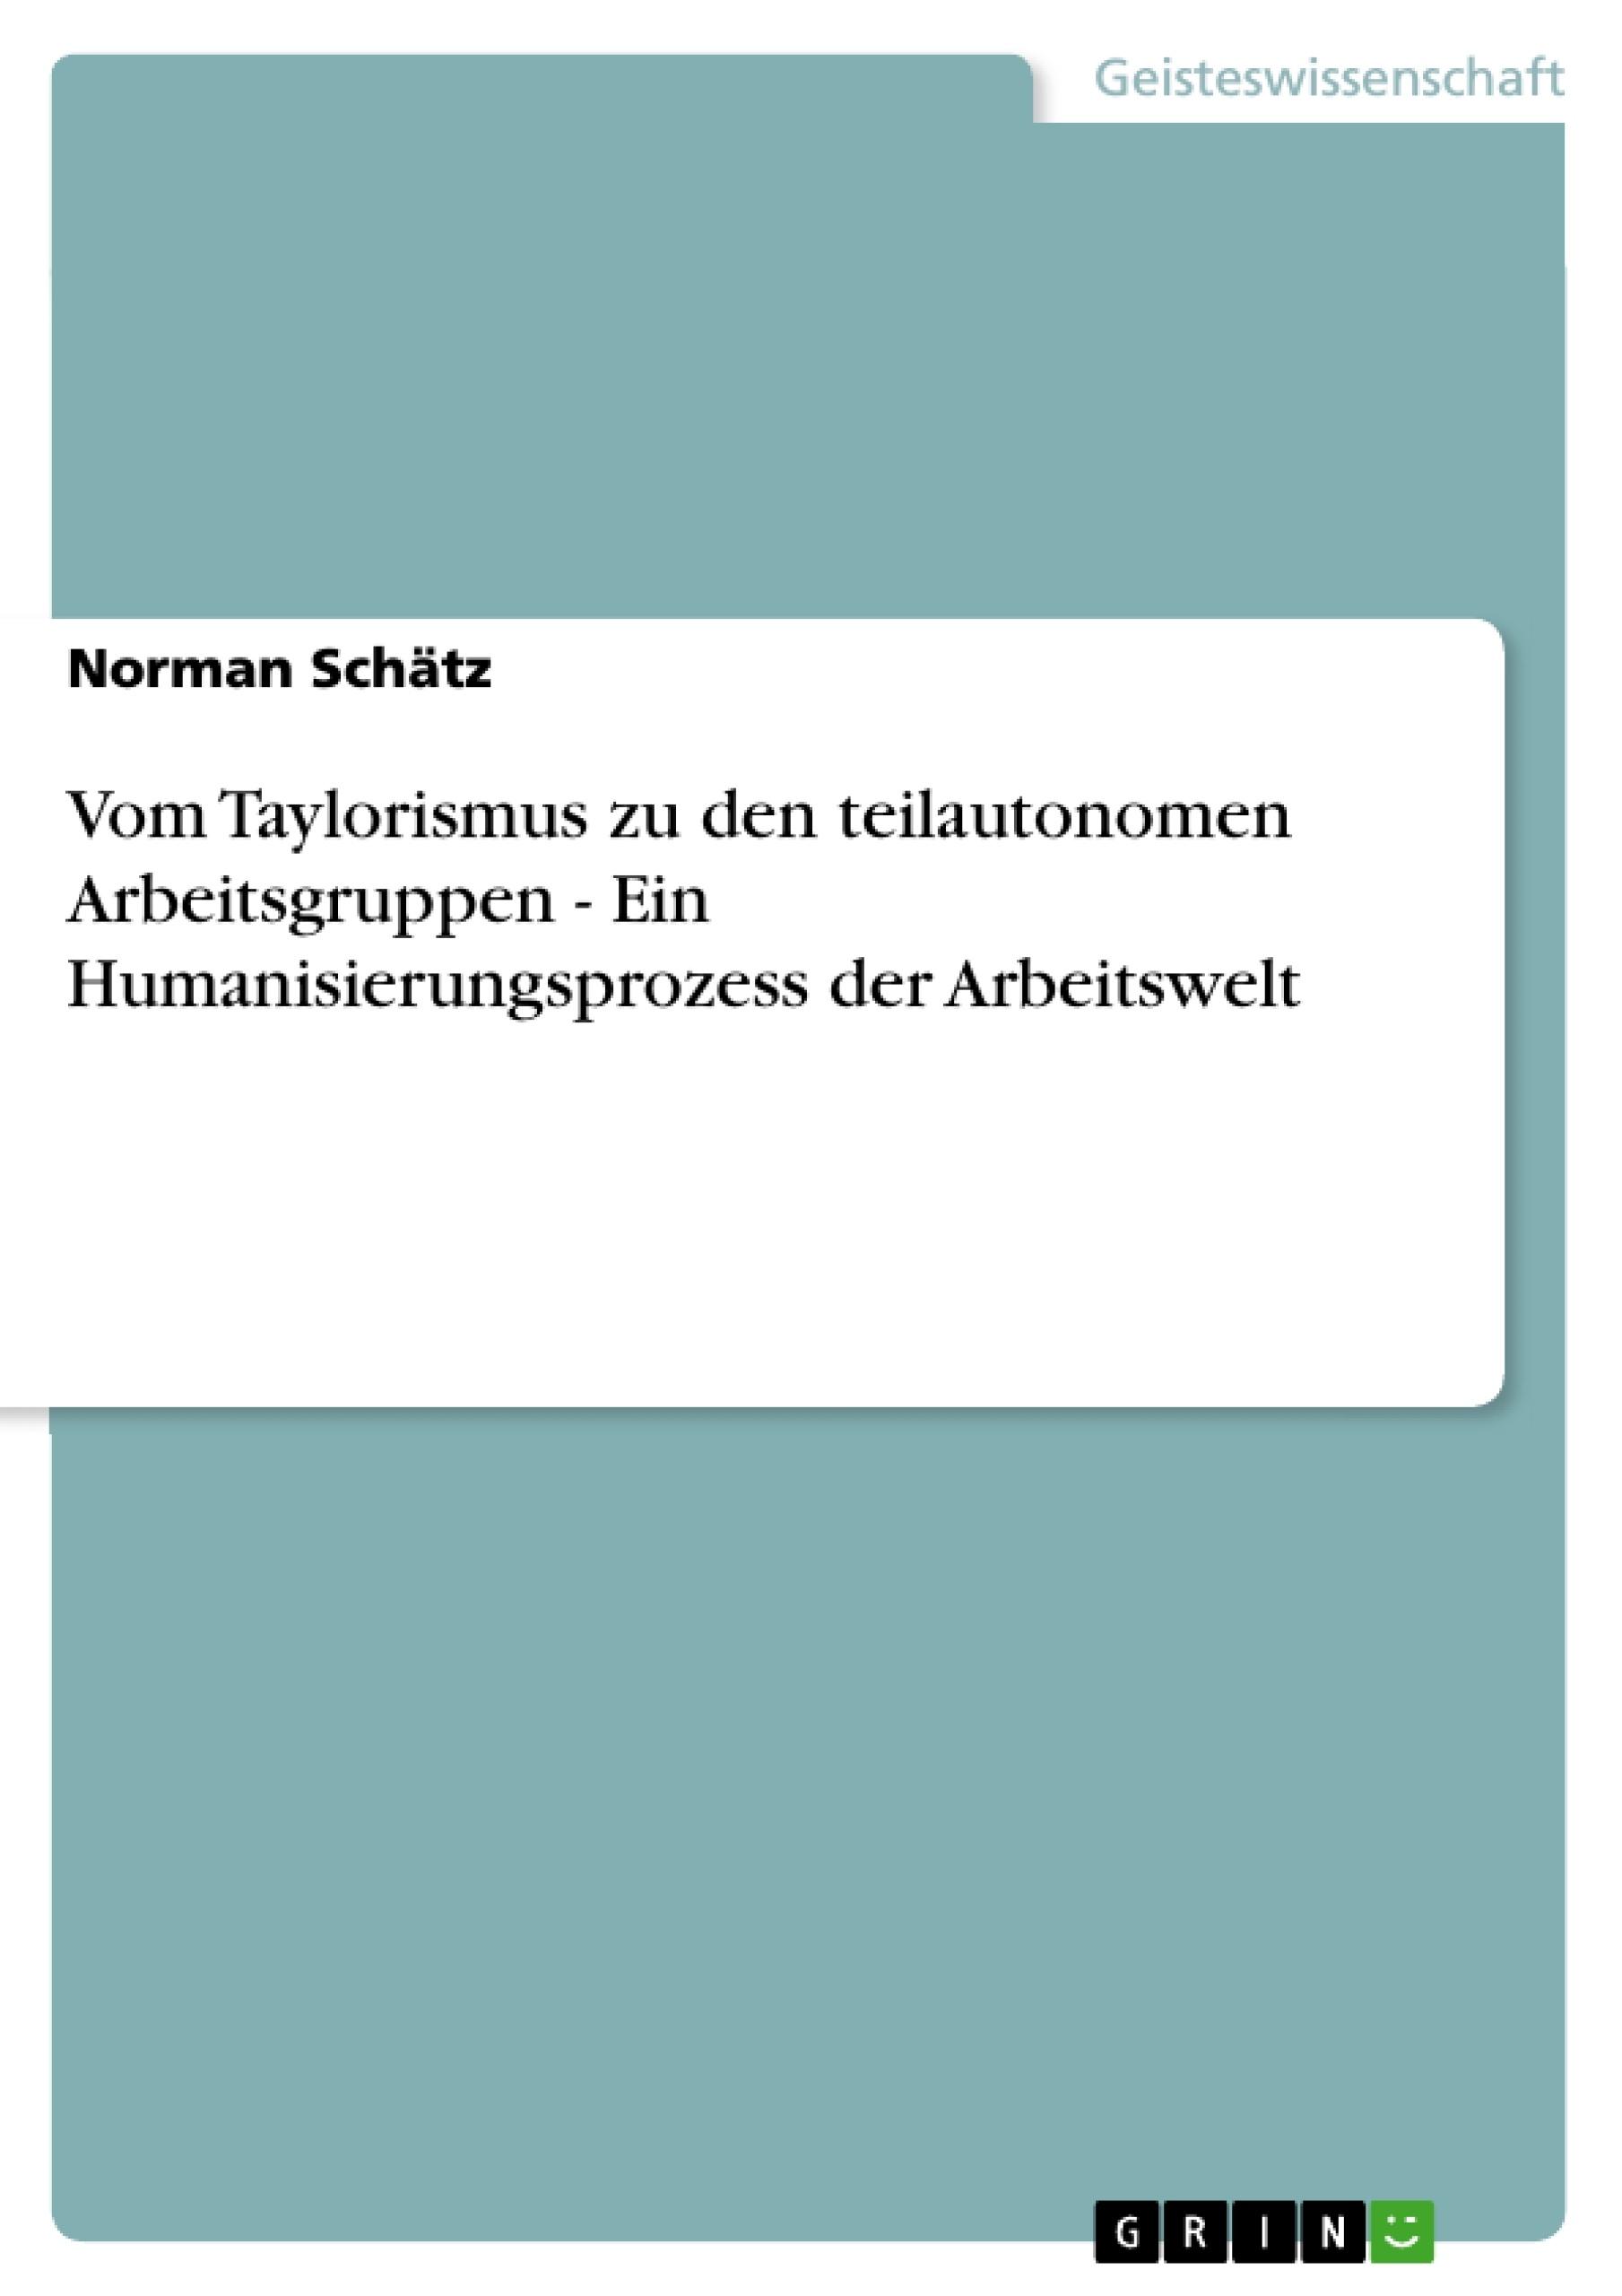 Titel: Vom Taylorismus zu den teilautonomen Arbeitsgruppen - Ein Humanisierungsprozess der Arbeitswelt